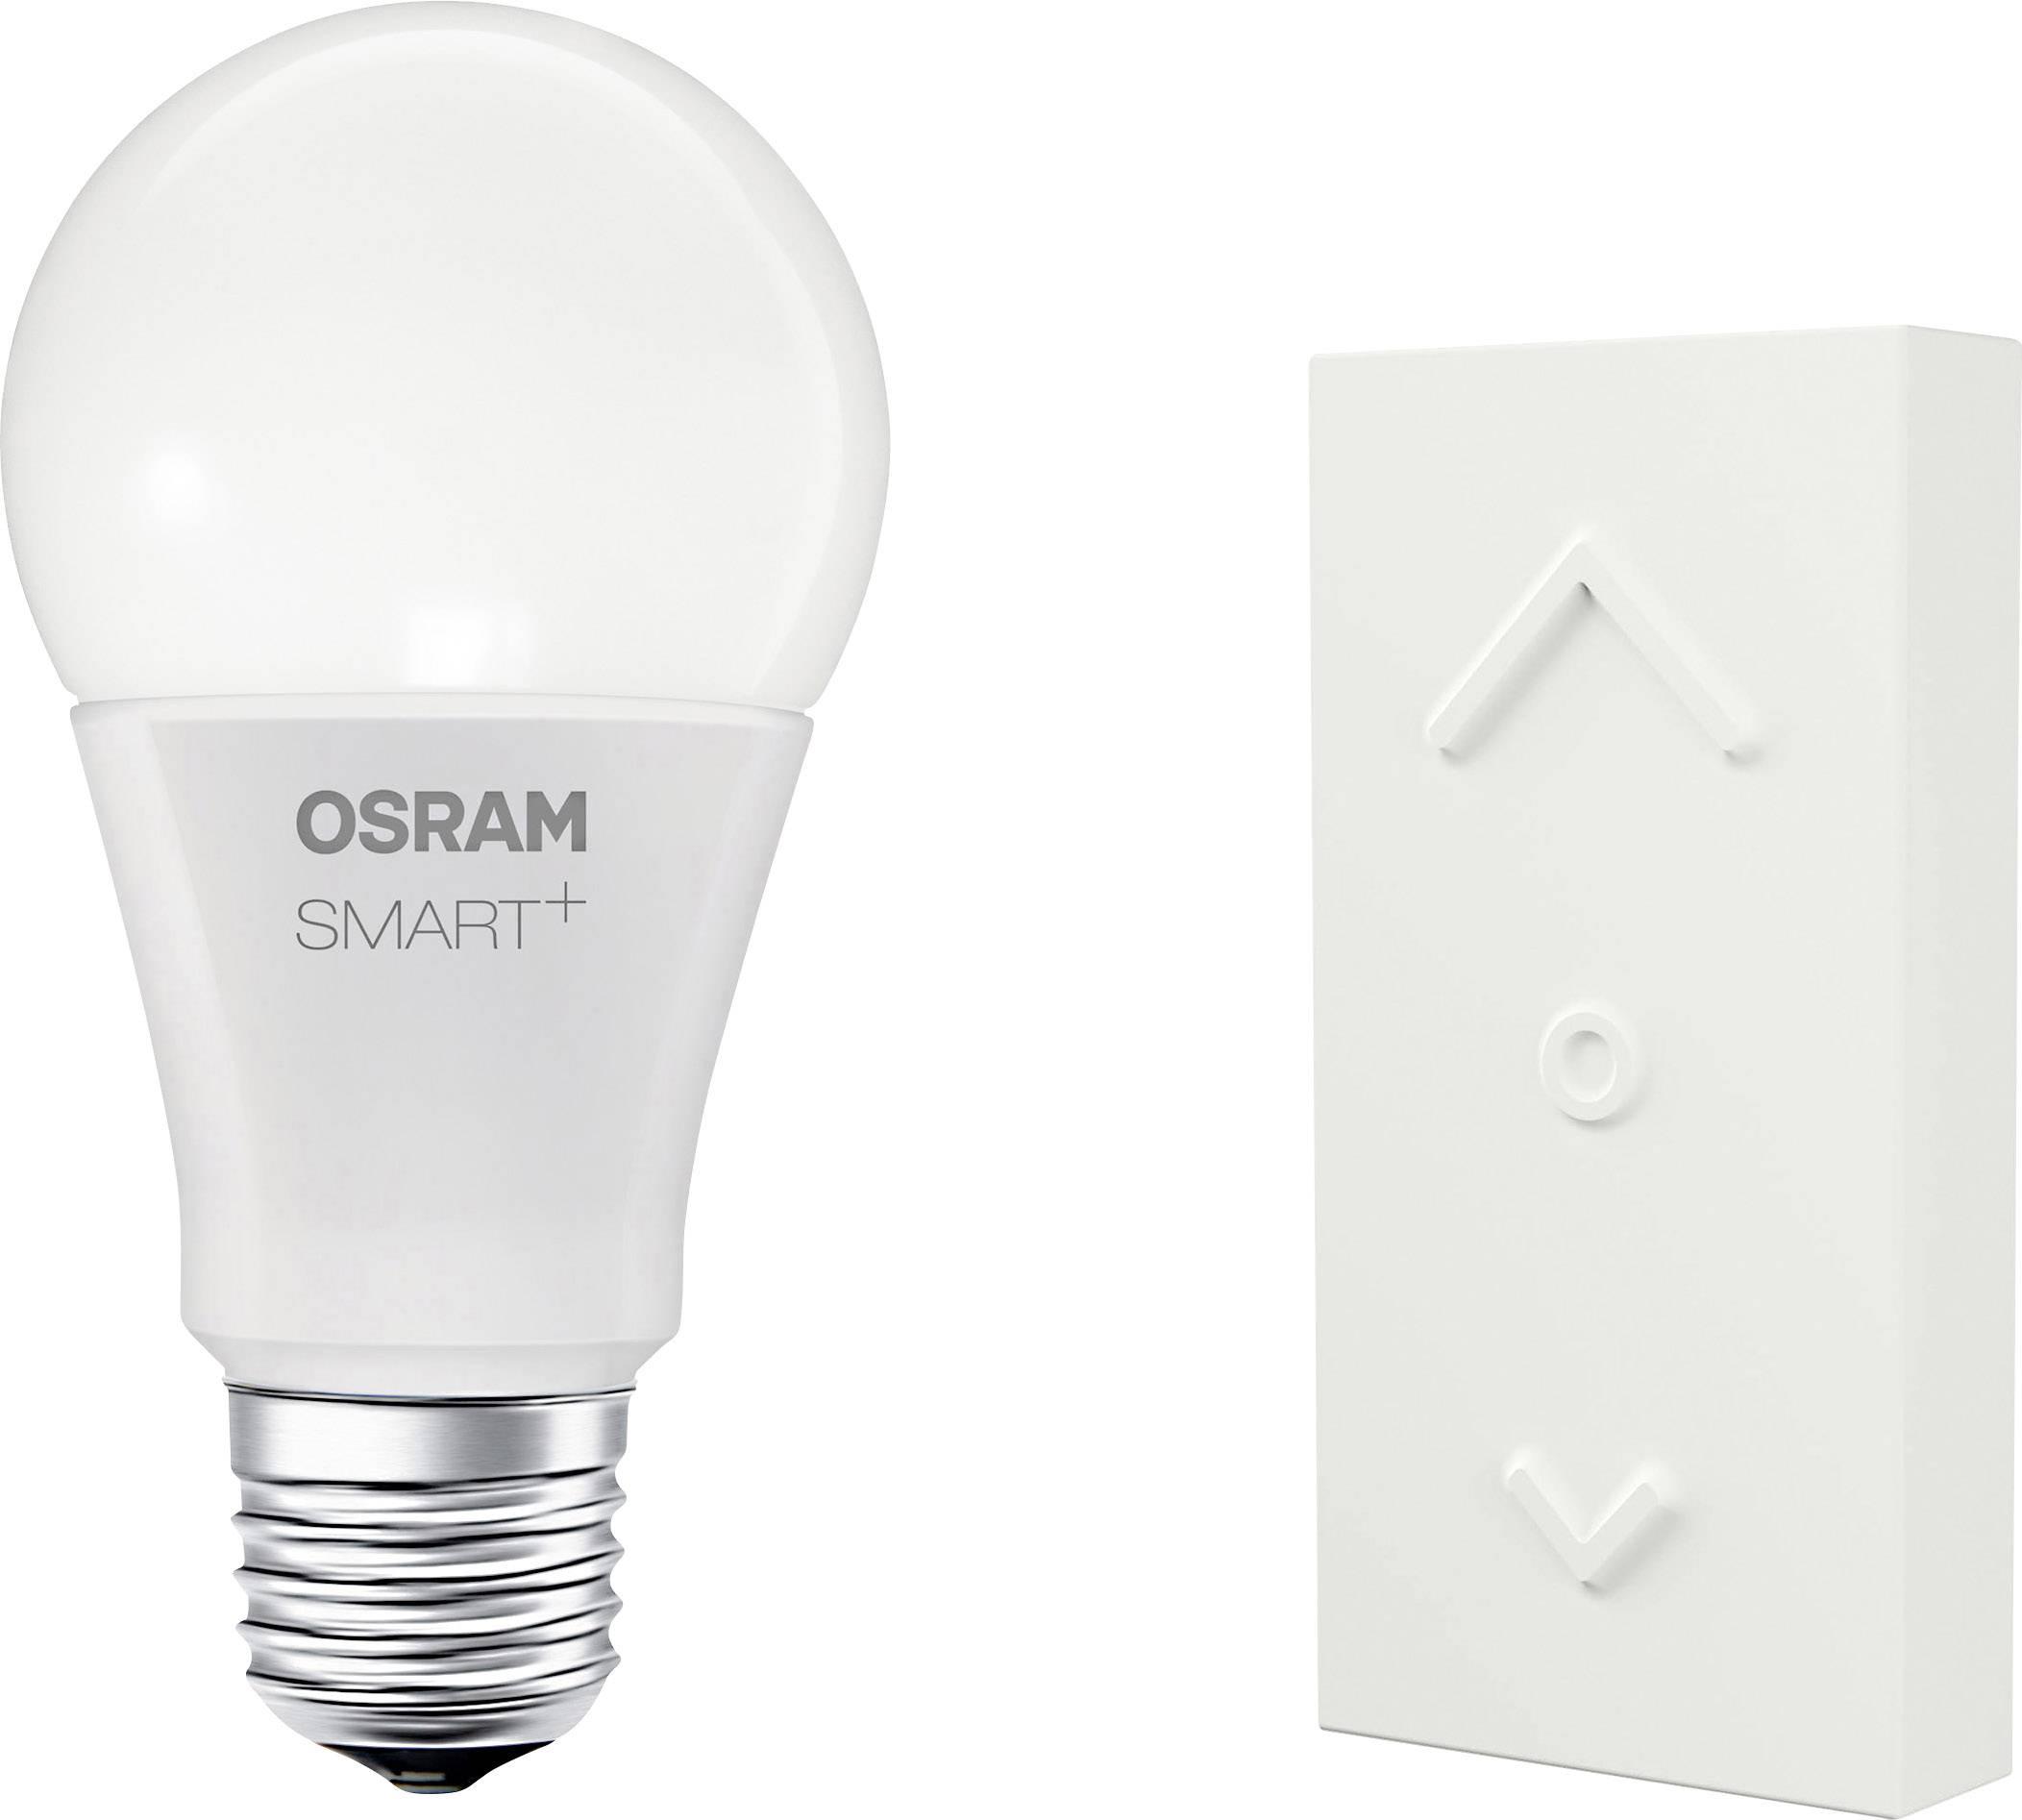 Sans W Blanc Osram Chaud Led E27 FilAmpoule 8 5 SmartVariateur j34ALqc5R